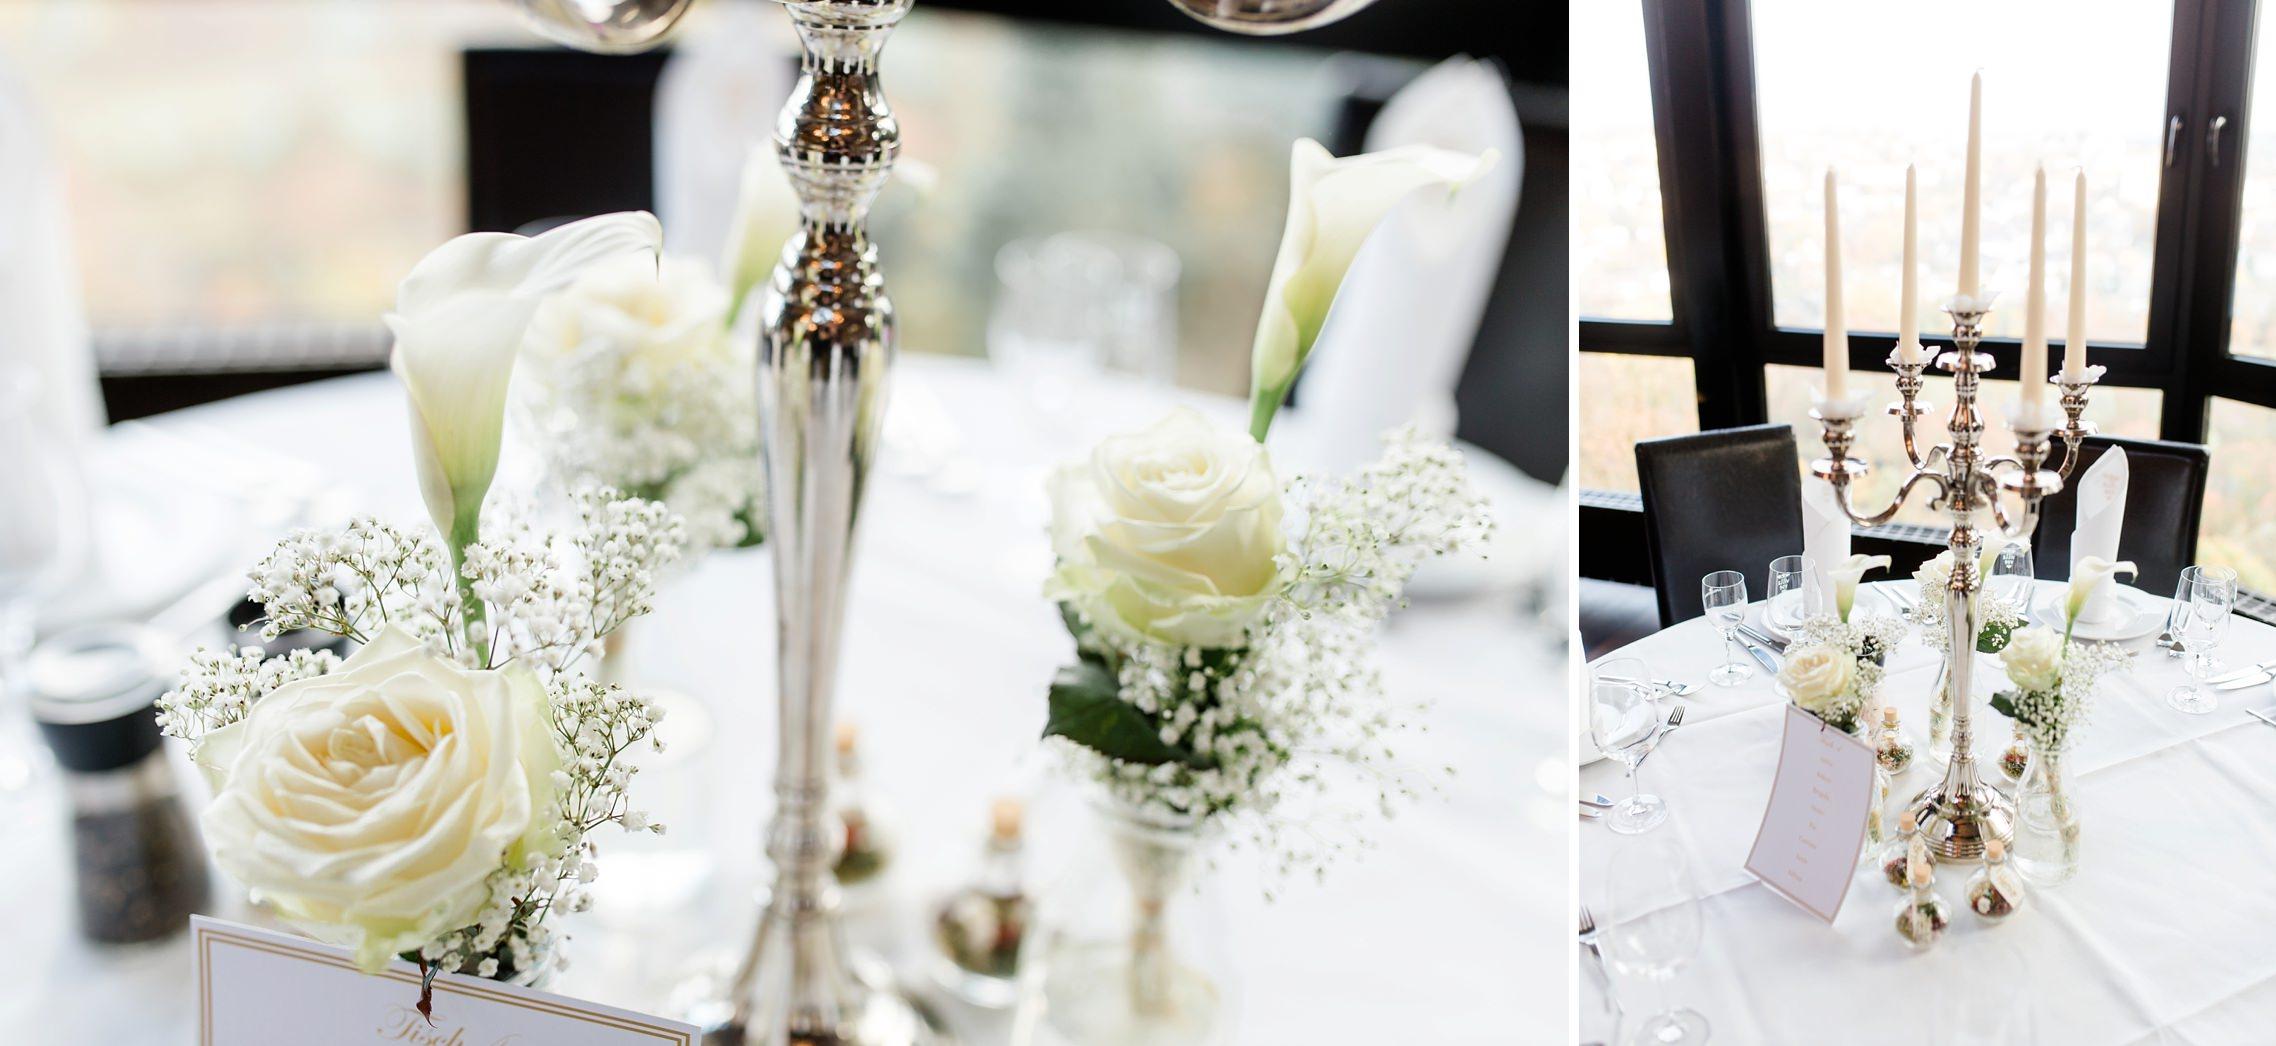 Tischdeko und Leuchter bei der Hochzeitsfeier in der Villa Vue in Essen